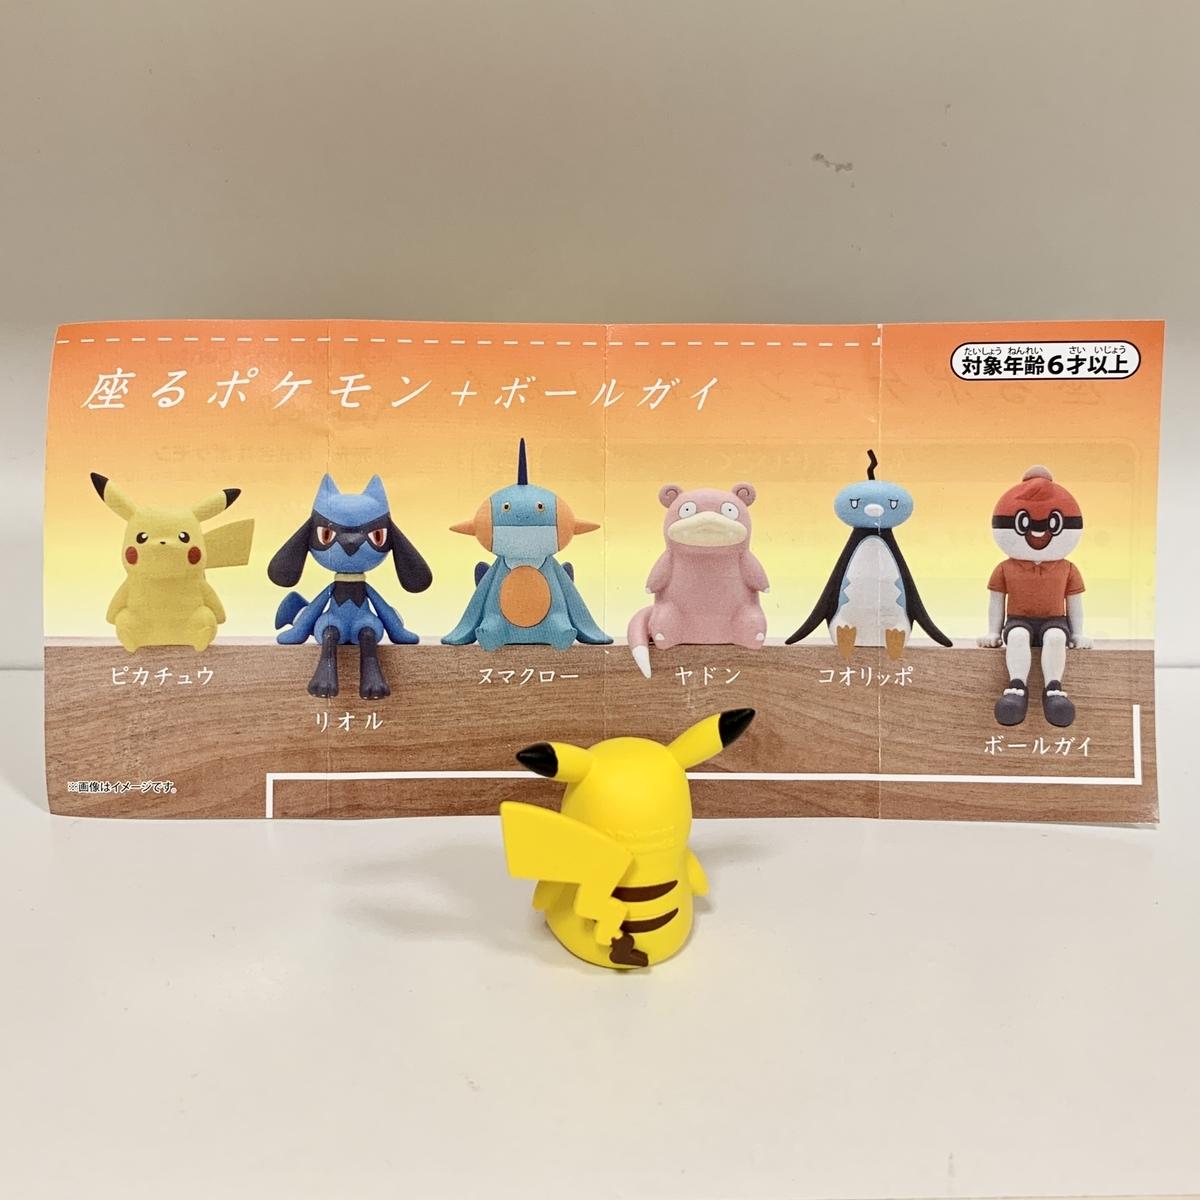 f:id:pikachu_pcn:20210719162326j:plain